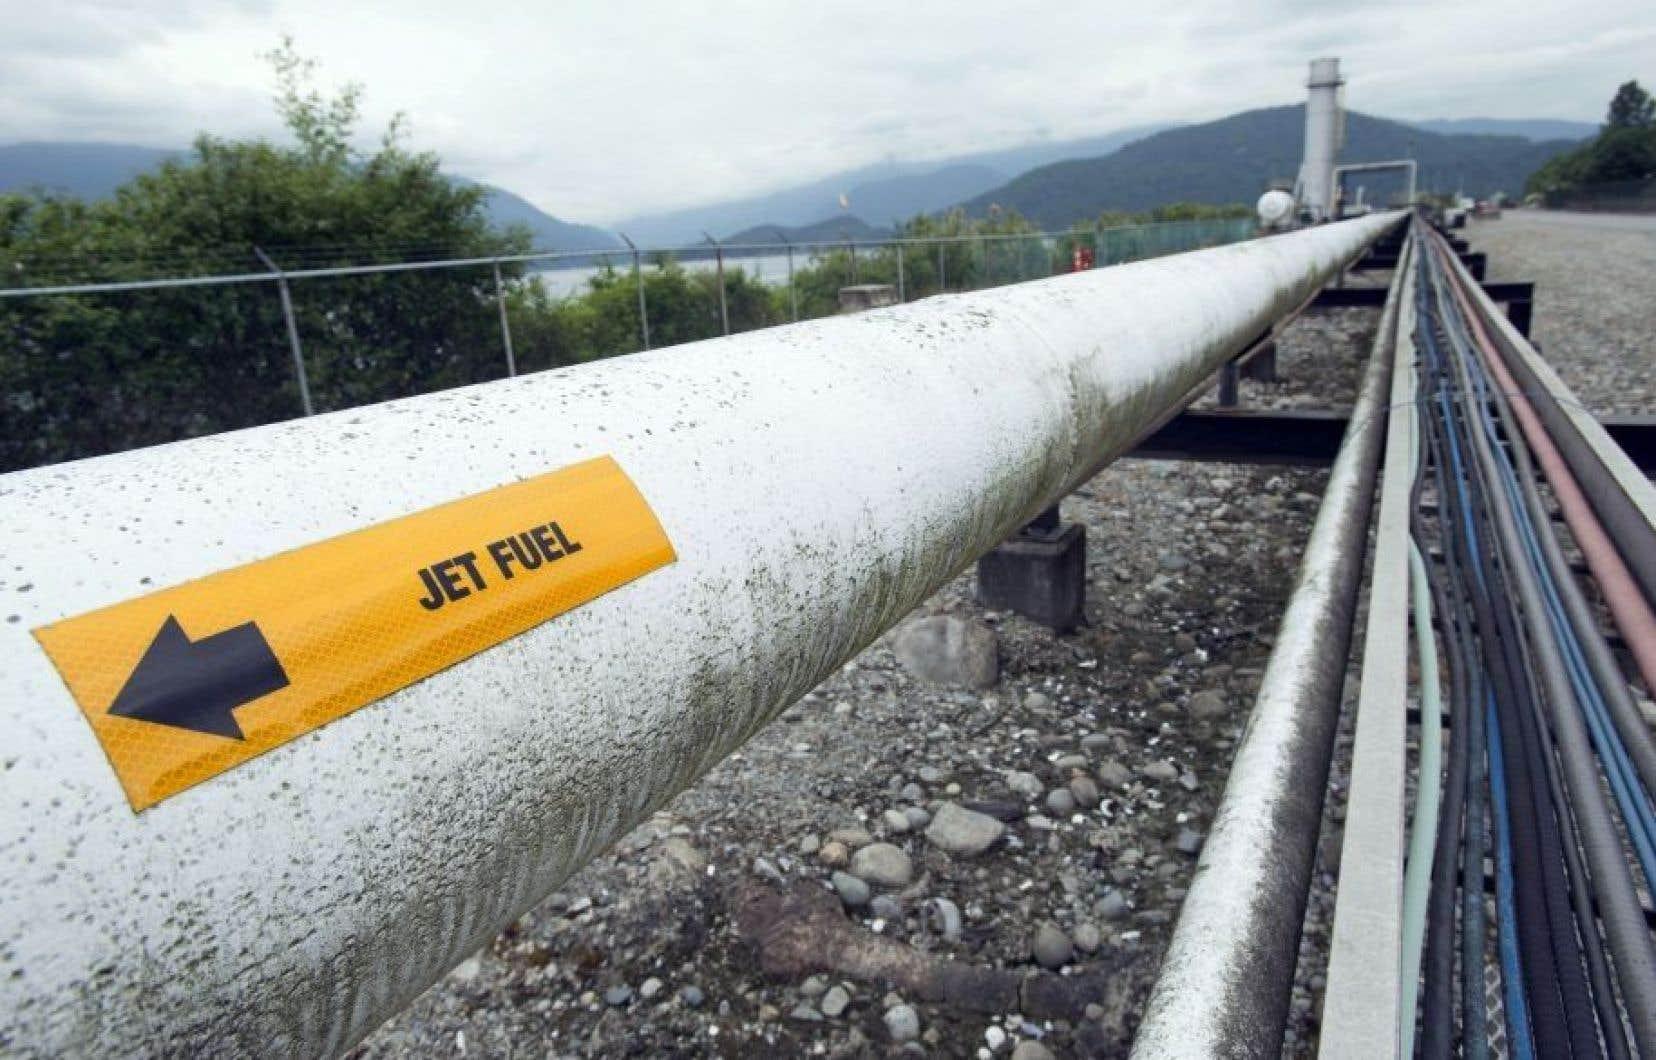 Le pipeline, destiné à l'exportation de pétrole des sables bitumineux, doit aboutir dans la région de Vancouver.